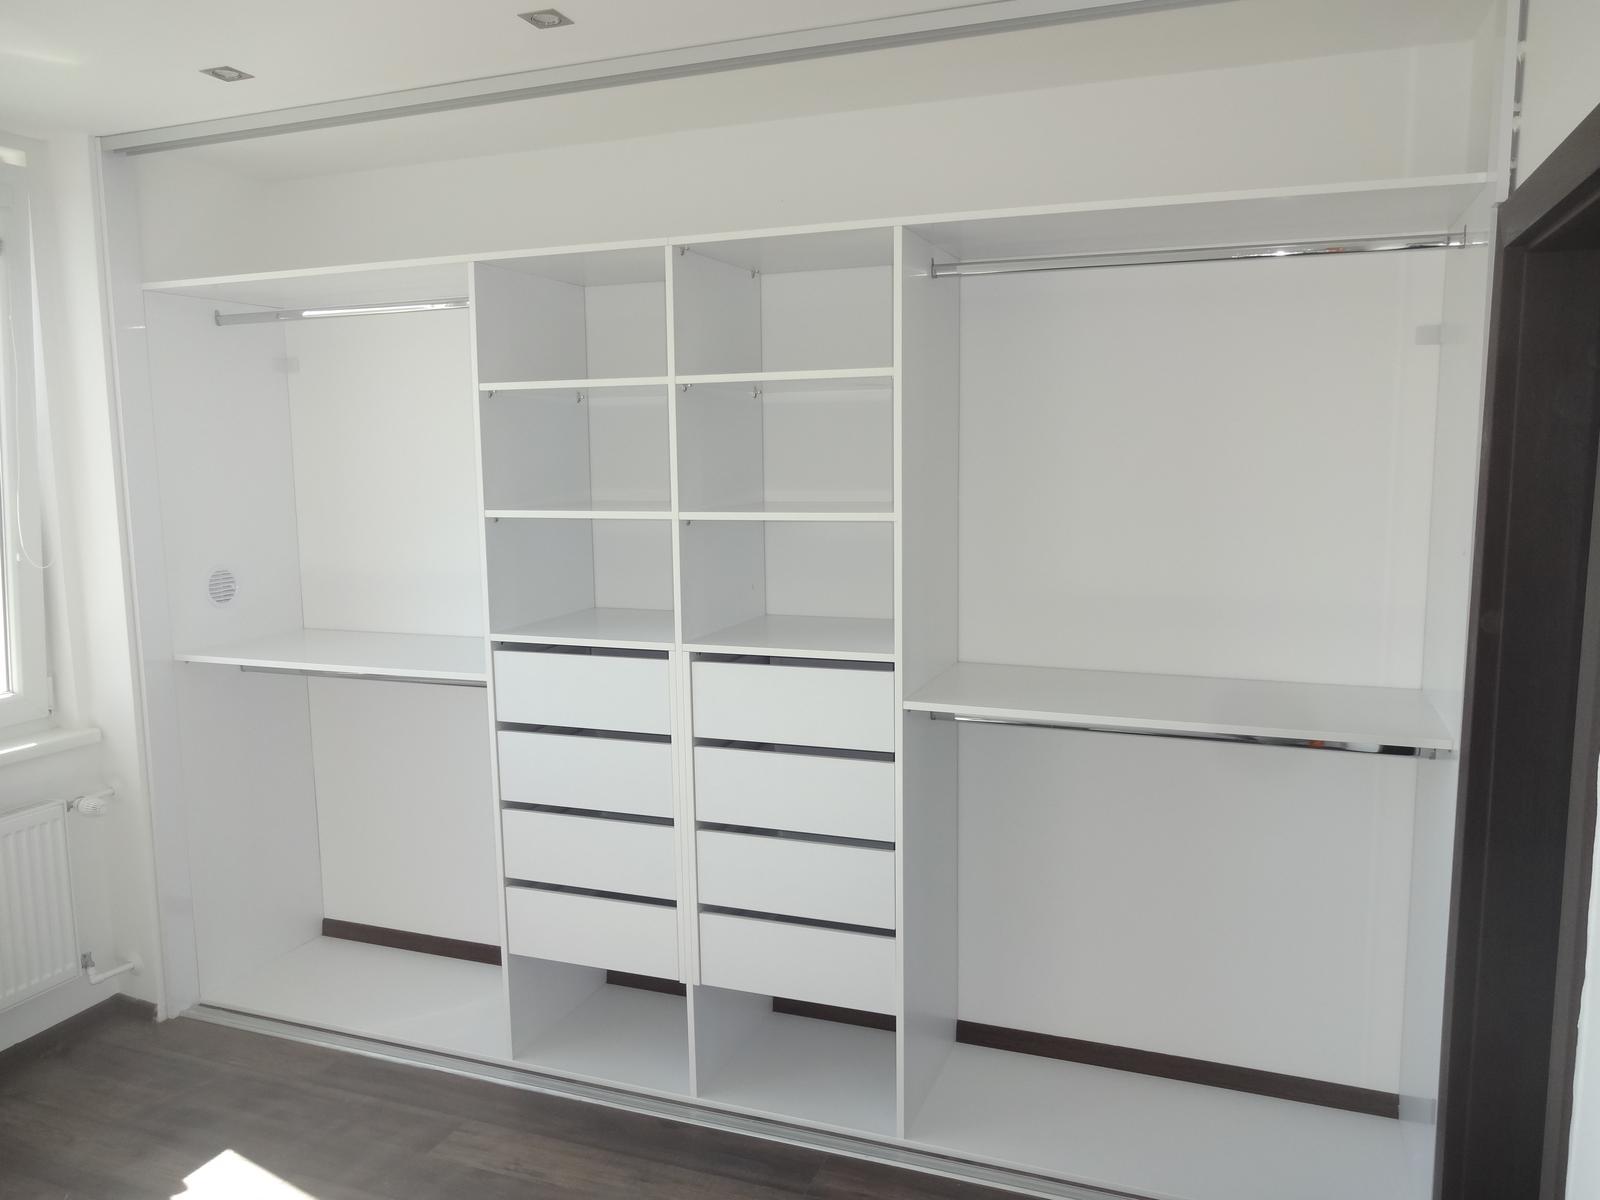 Ďalšie vstavané skrine - Vstavaná skriňa biela lesklá